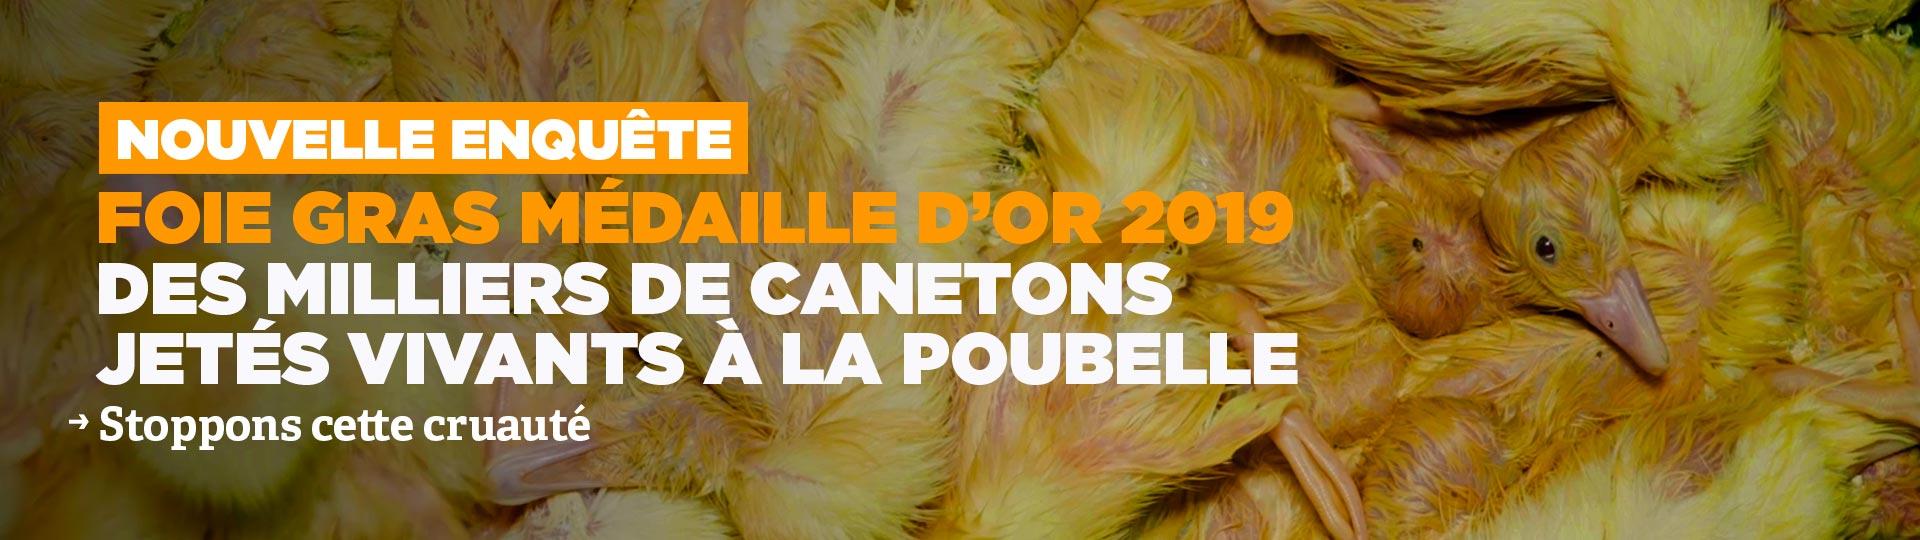 Foie gras médaille d'or